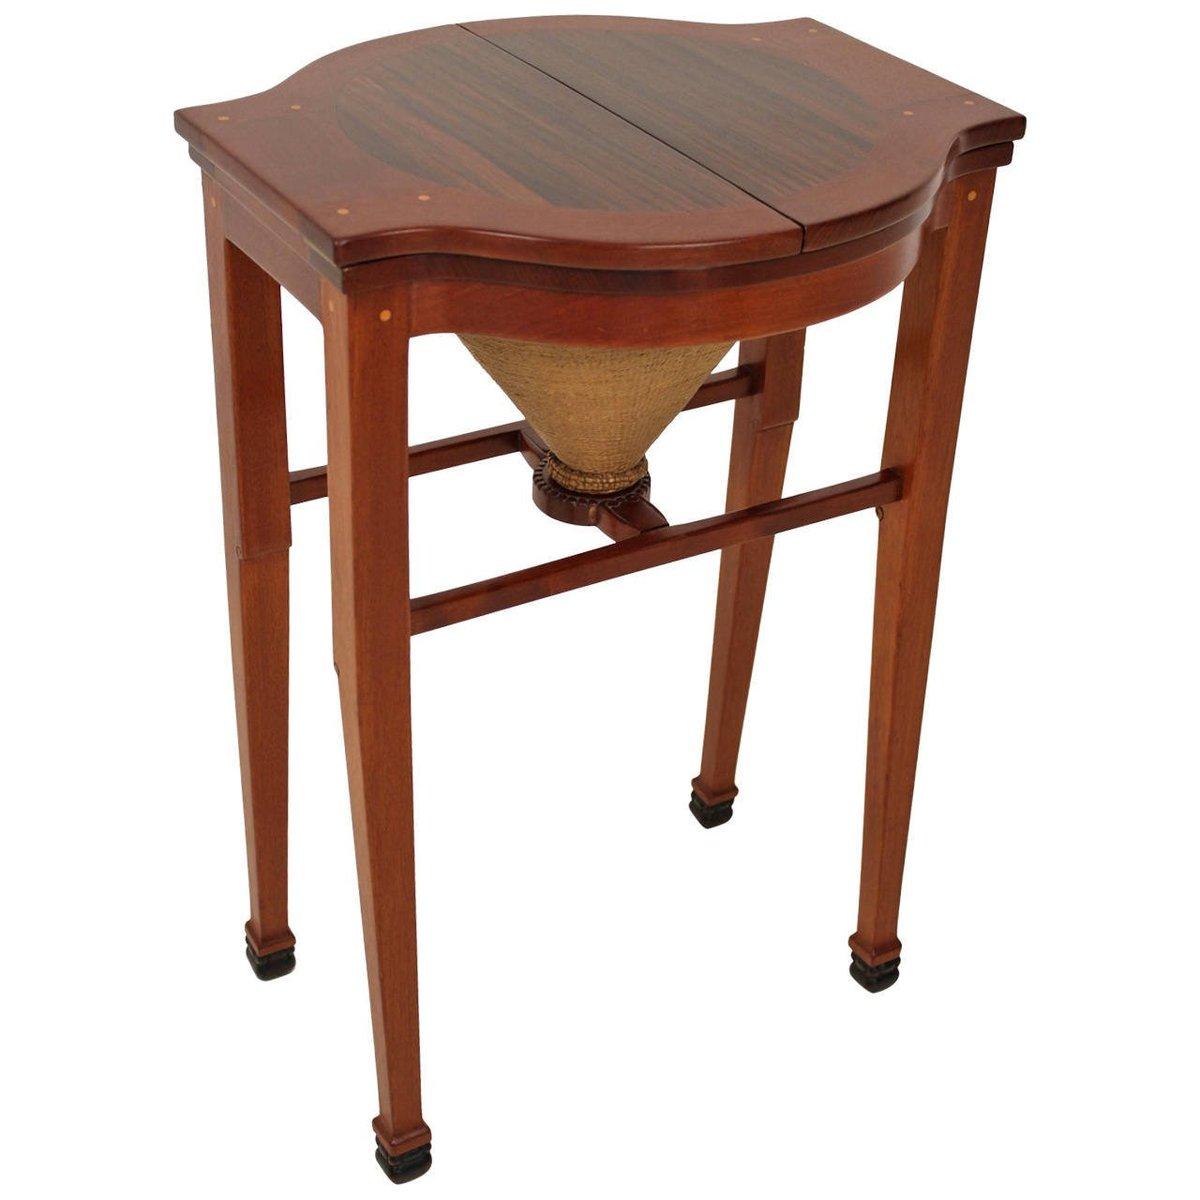 Art Nouveau Drop Leaf Sewing Table By Jac Van Den Bosch